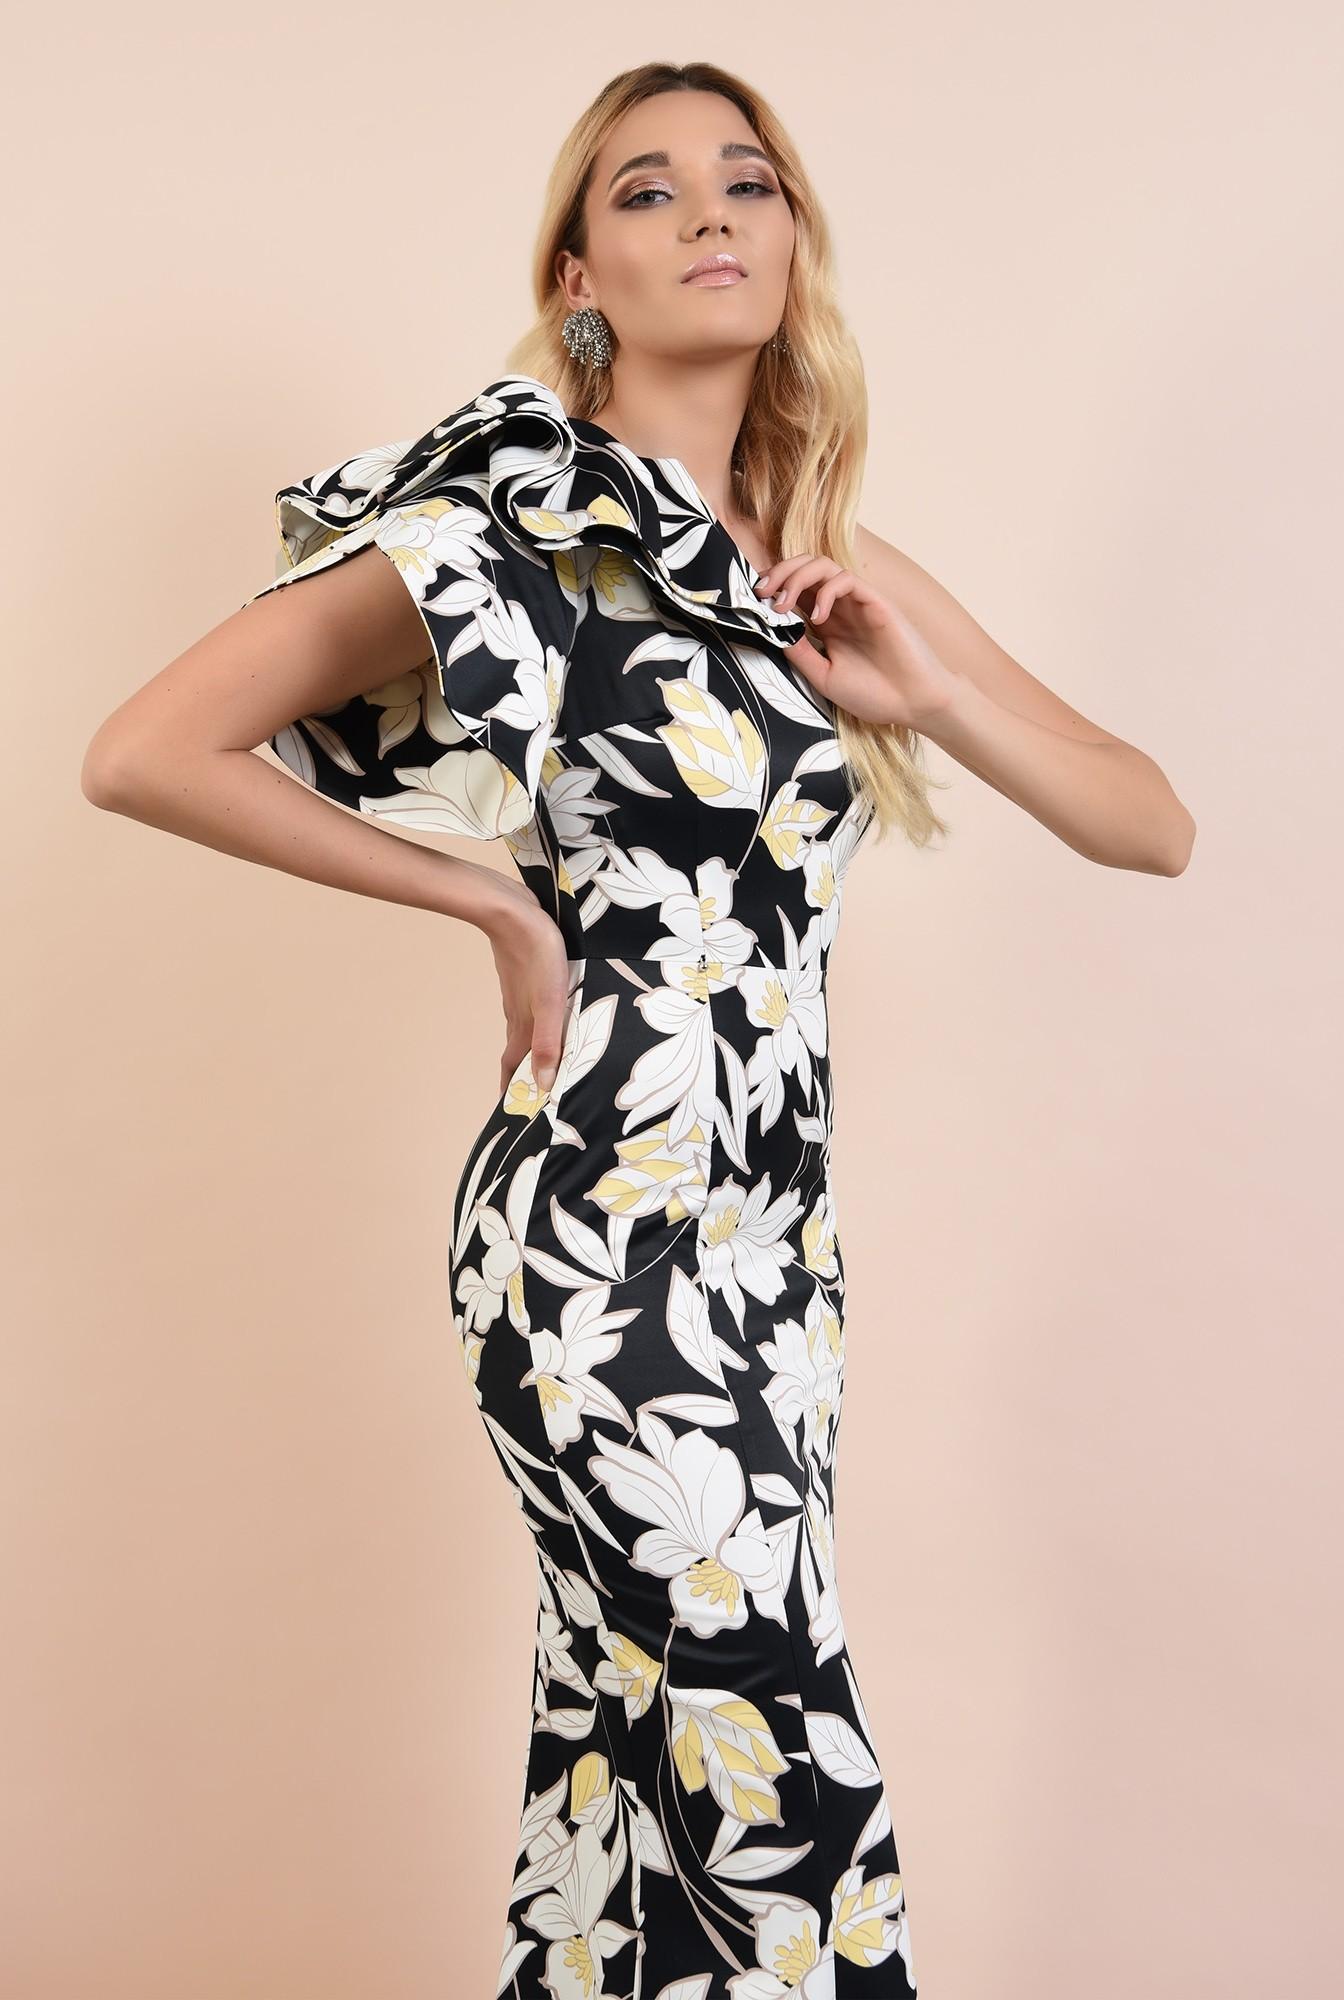 rochie lunga, de seara, cu flori, umar dezgolit, decolteu asimetric